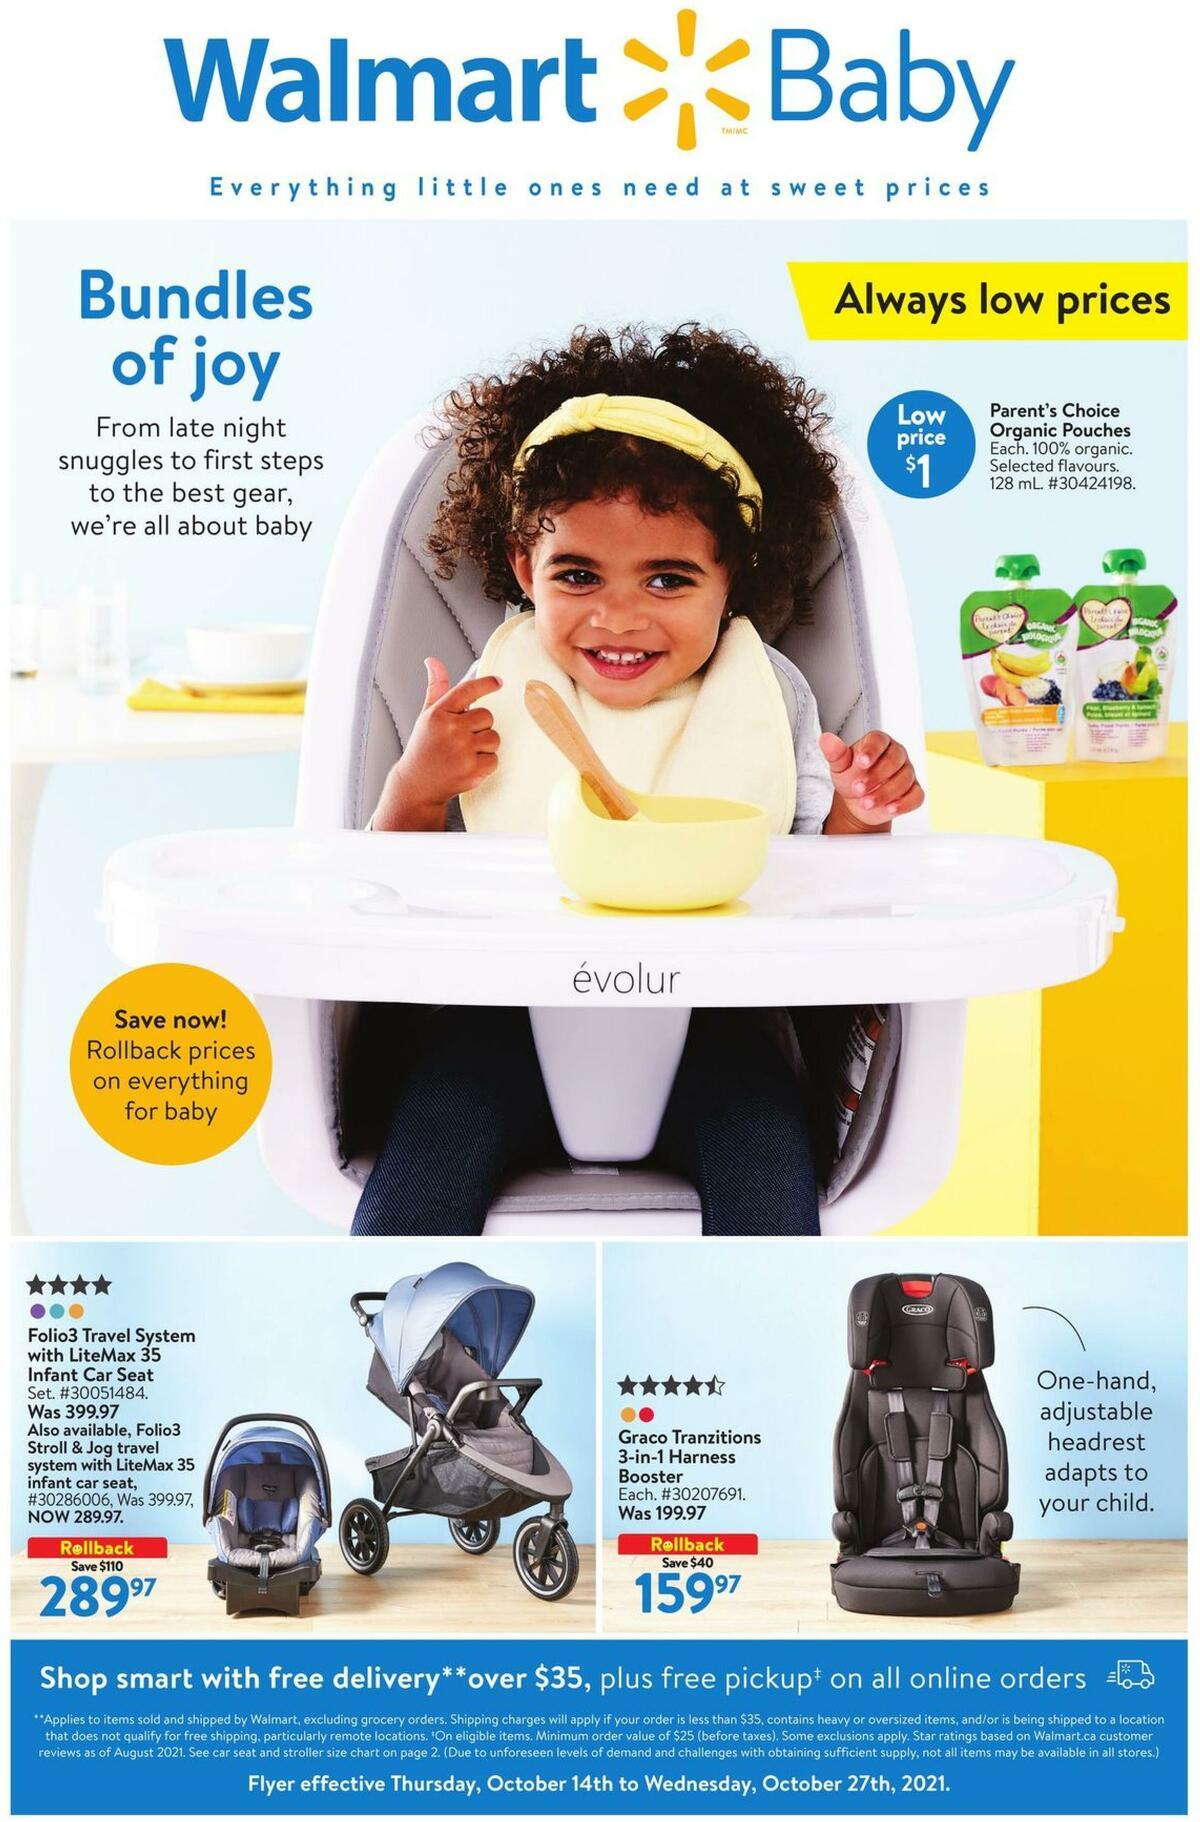 Walmart Baby Flyer from October 14